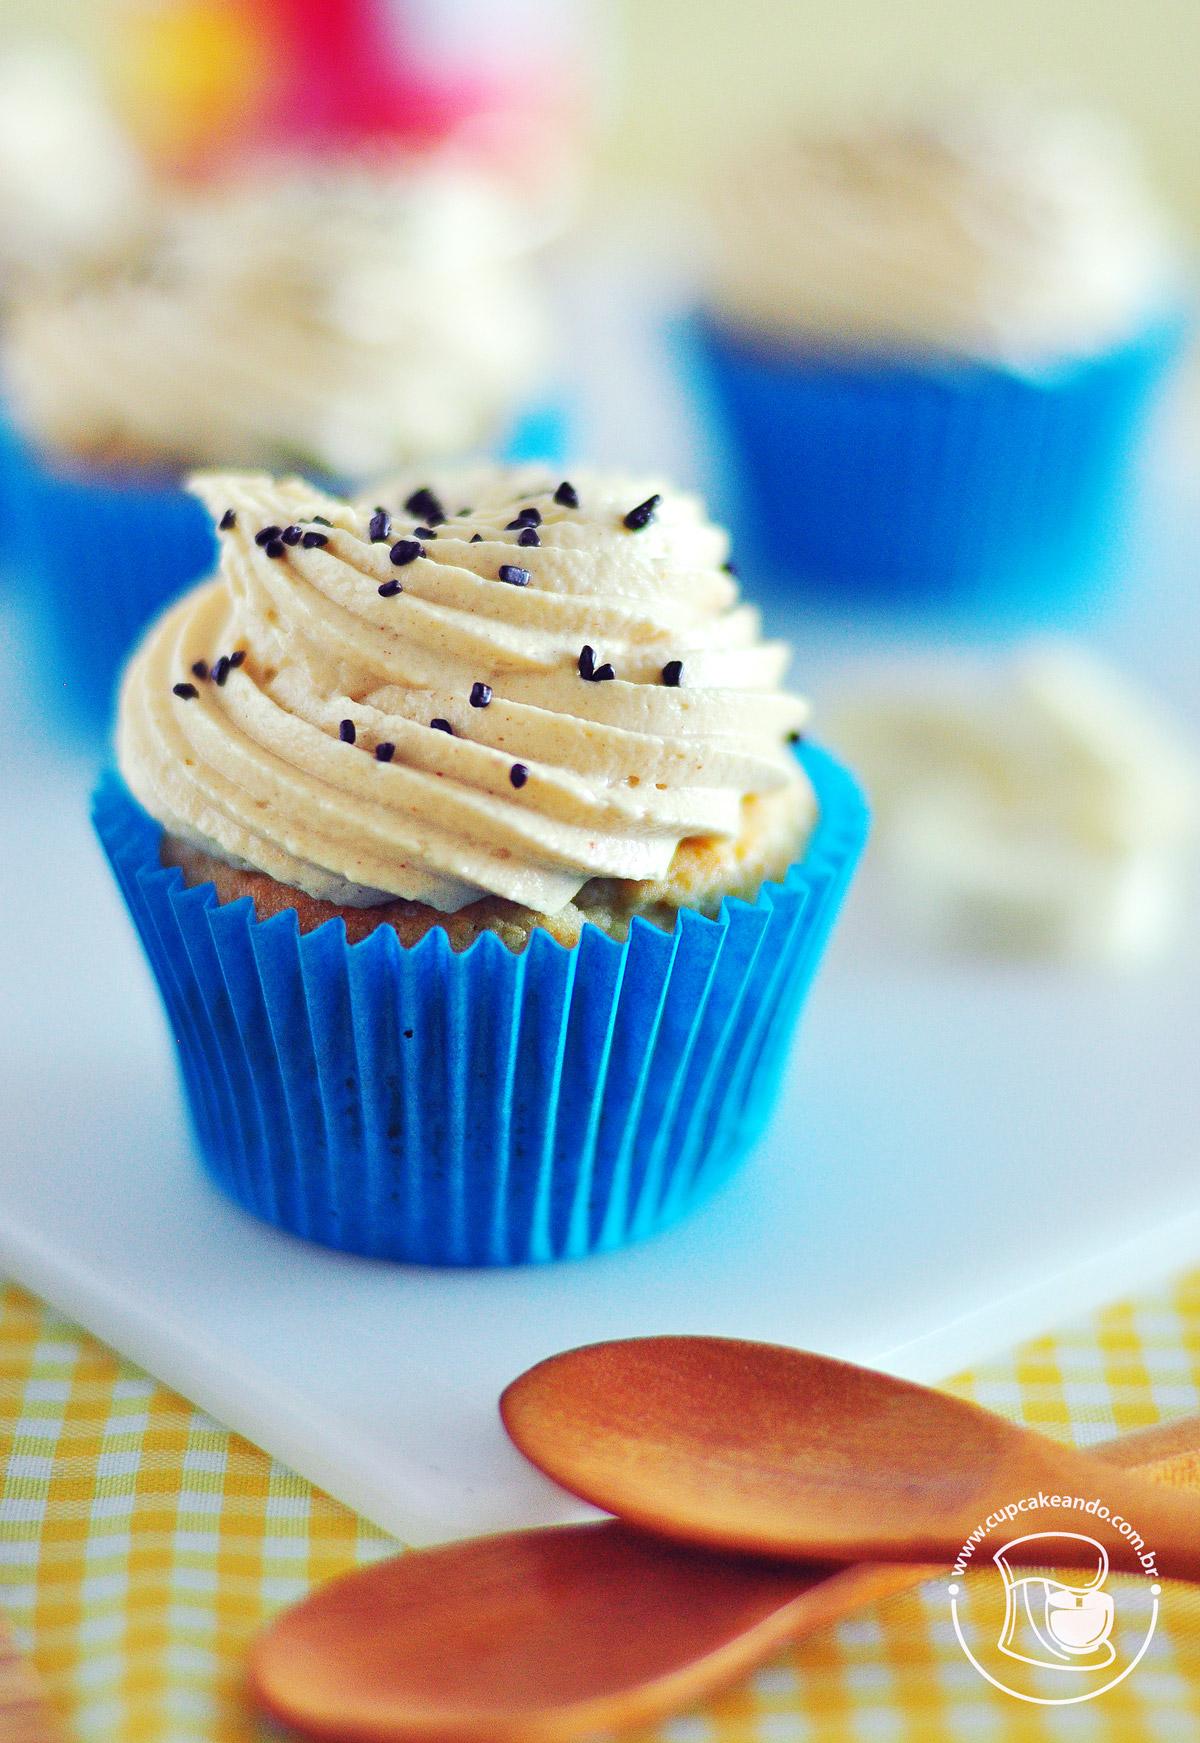 Cupcakes de banana com manteiga de amendoim, inspirados no gosto do Elvis Presley